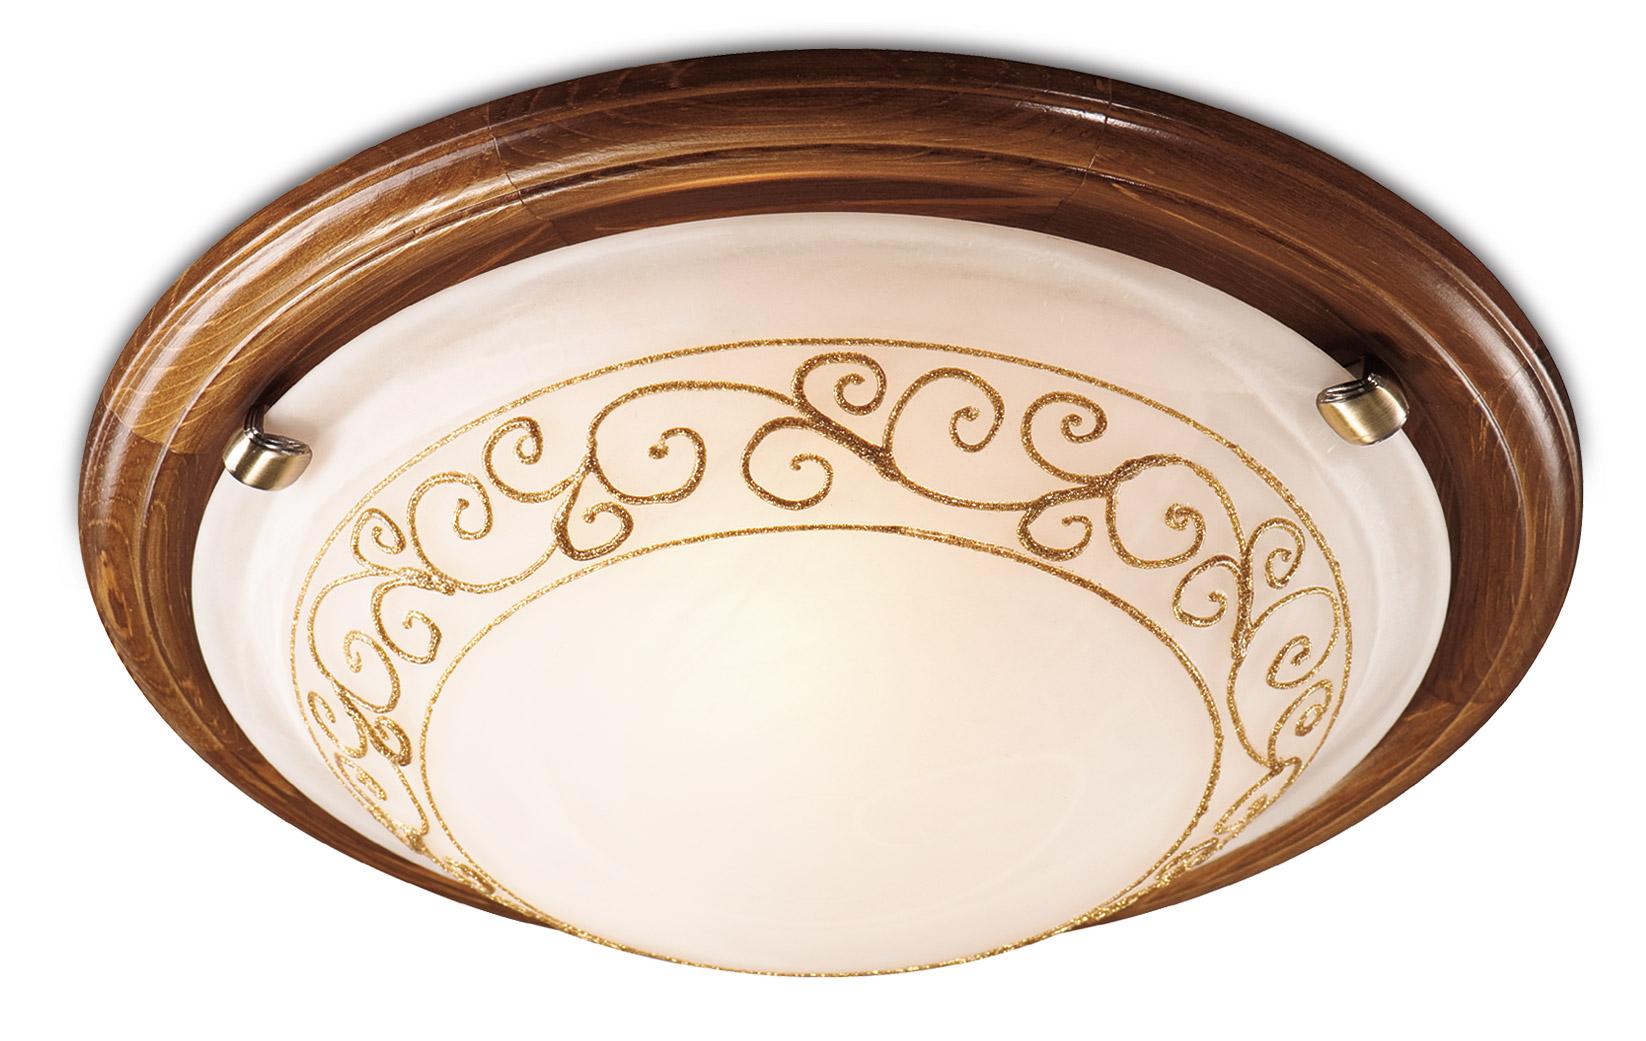 Светильник настенно-потолочный СОНЕКССветильники настенно-потолочные<br>Мощность: 100,<br>Количество ламп: 1,<br>Назначение светильника: для комнаты,<br>Стиль светильника: модерн,<br>Материал светильника: металл, дерево, стекло,<br>Тип лампы: накаливания,<br>Диаметр: 360,<br>Патрон: Е27,<br>Цвет арматуры: бронза<br>